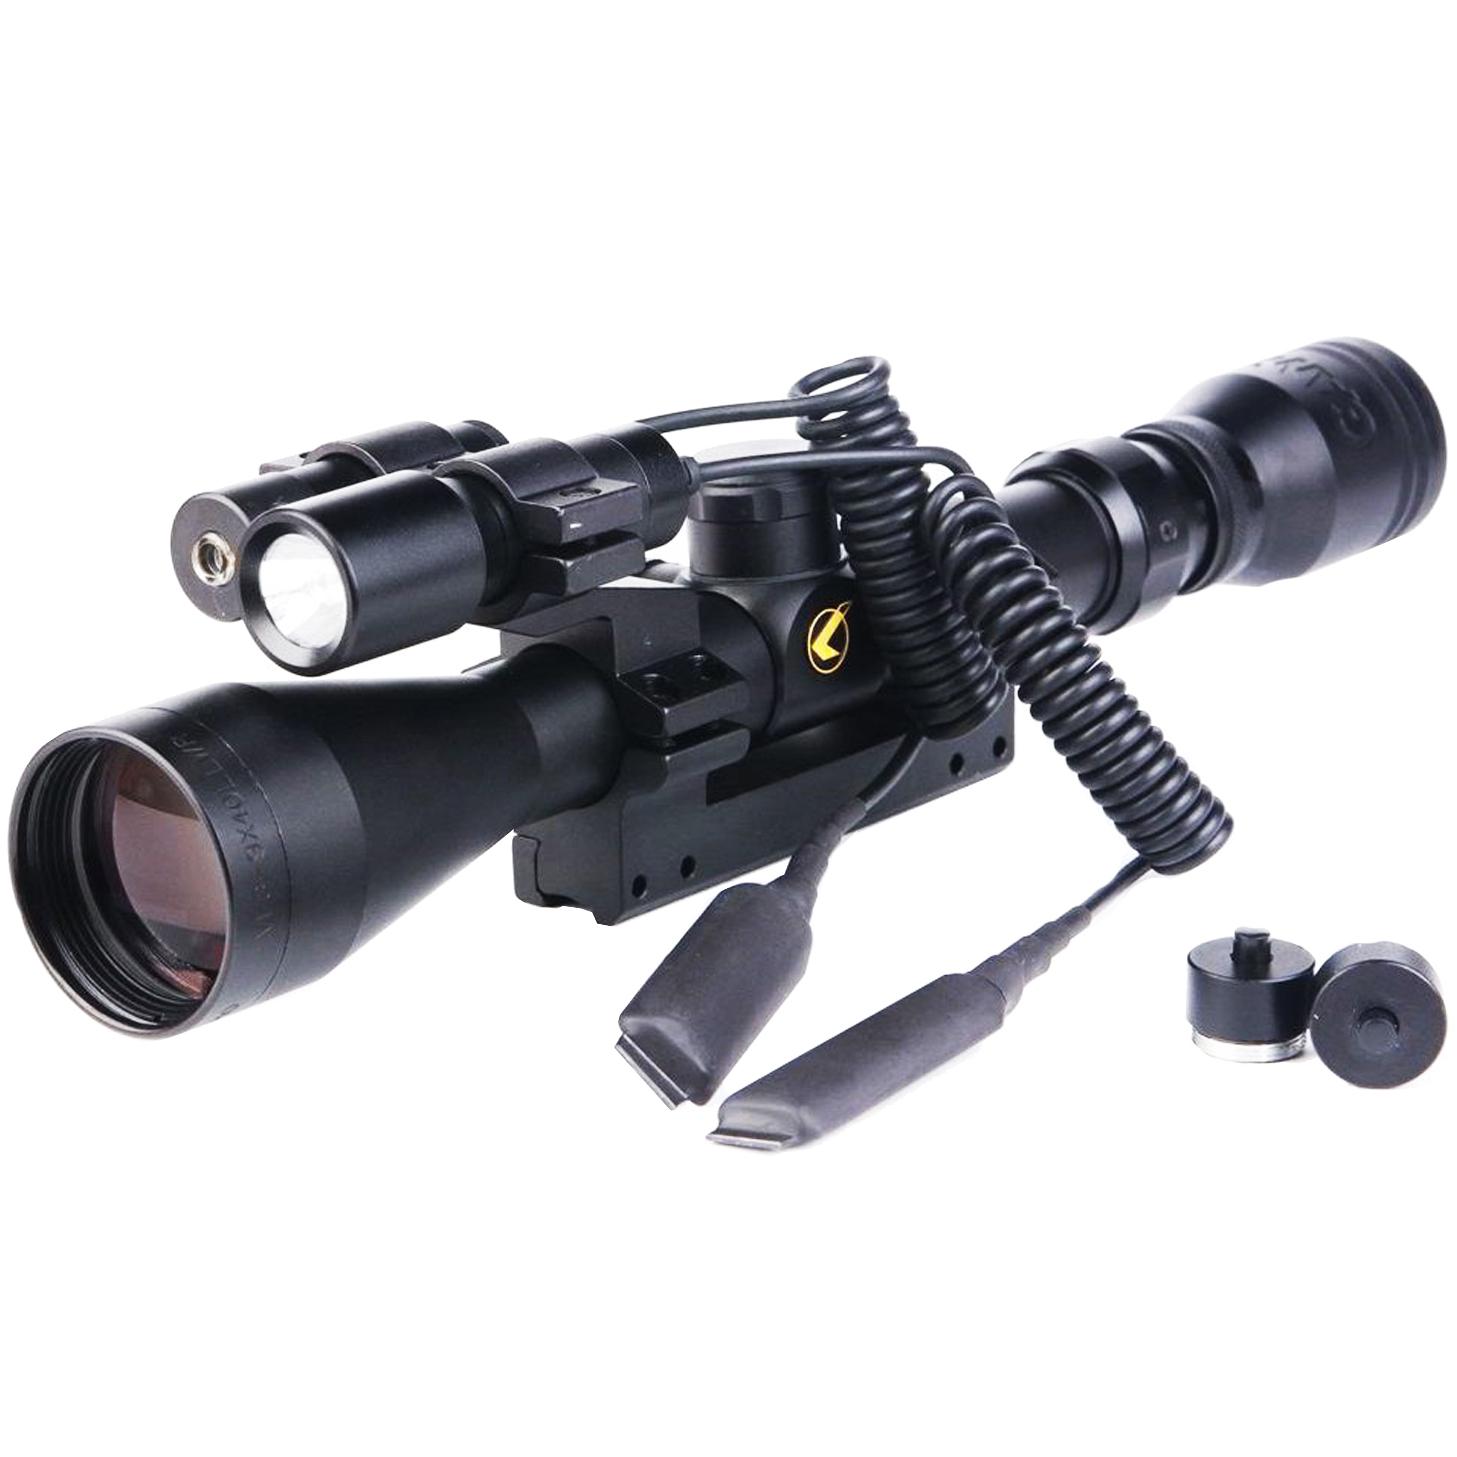 Фото - Оптический прицел GAMO 3-9X40 WR VAMPIR оптический прицел trophy handgun 2 6x32